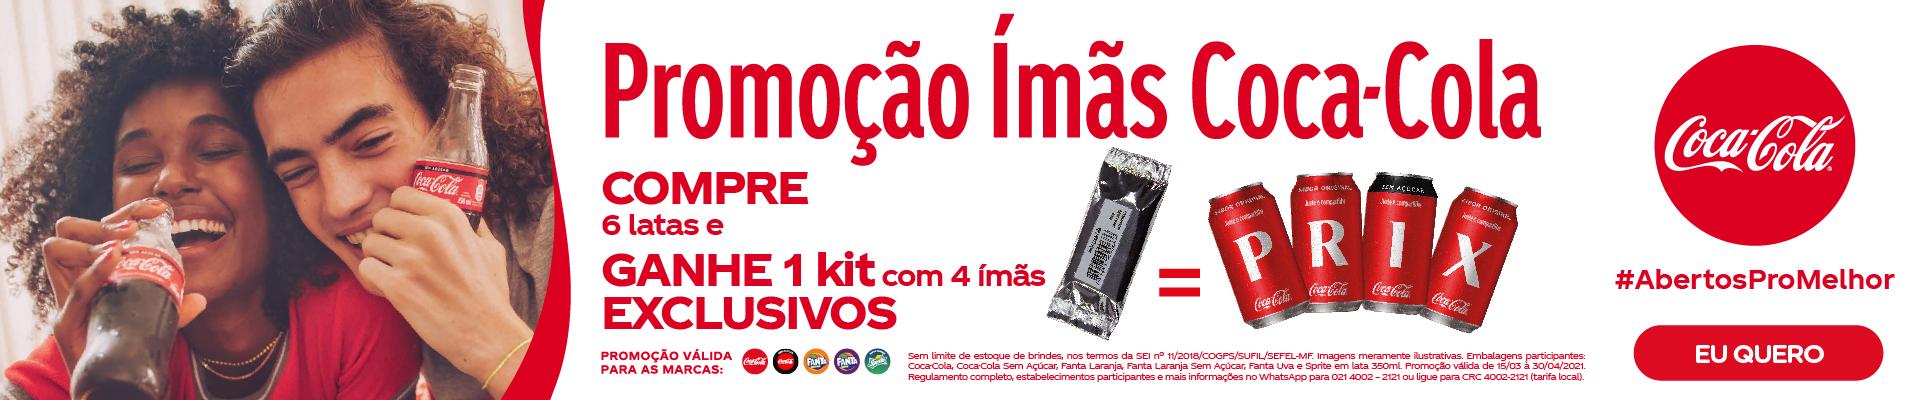 Coca Cola / Leve + por -